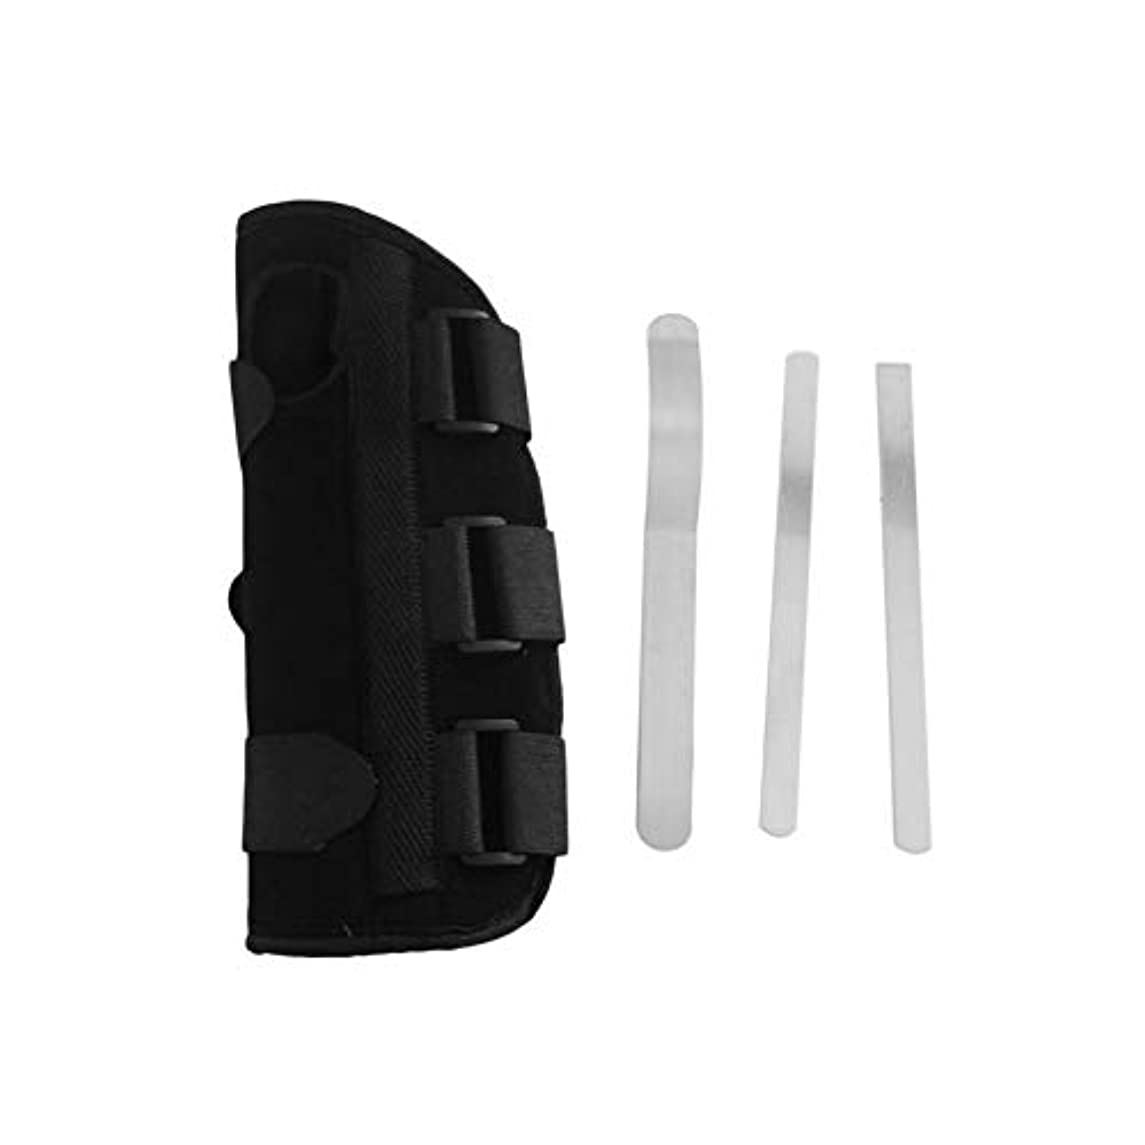 脚本想起悲しみ手首副木ブレース保護サポートストラップカルペルトンネルCTS RSI痛み軽減取り外し可能な副木快適な軽量ストラップ - ブラックS